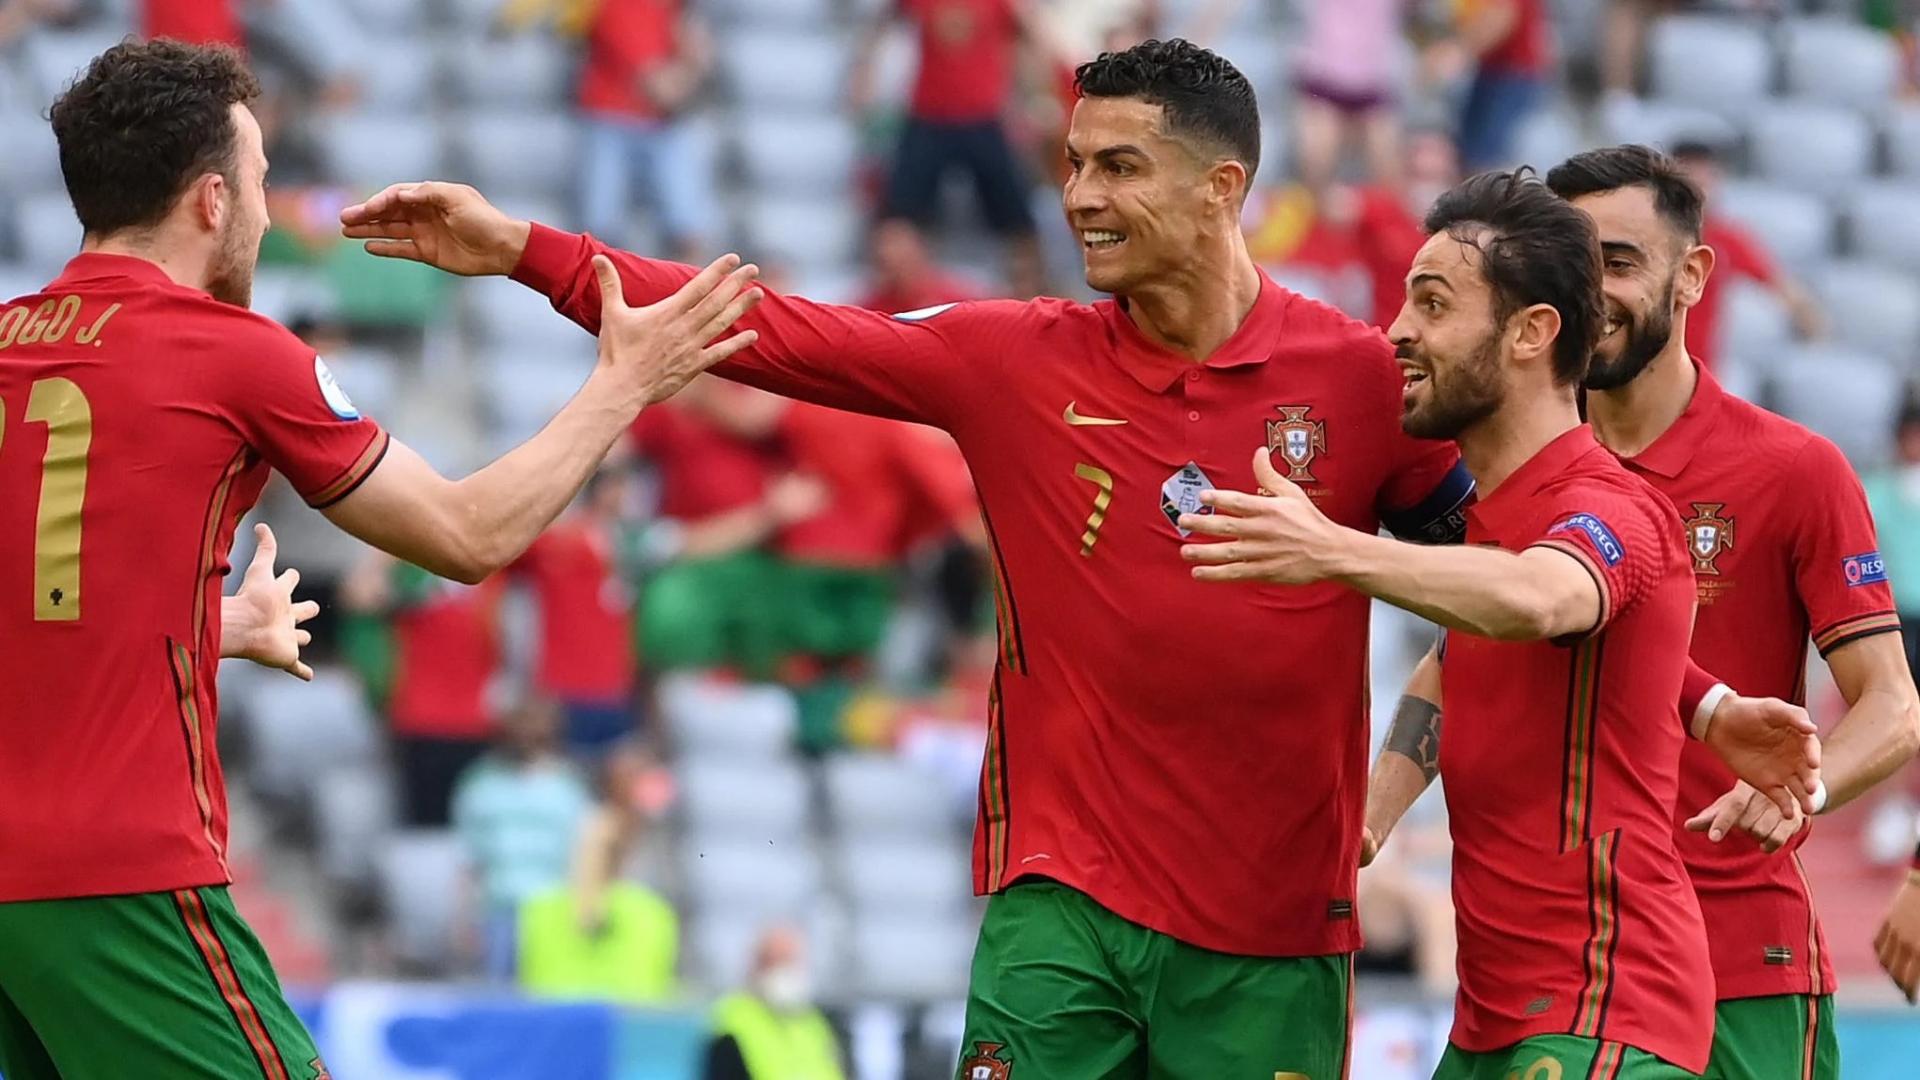 Bảng xếp hạng Vua phá lưới Euro 2021: Ronaldo áp đảo, Lewandowski vừa nóng máy đã ra rìa 3